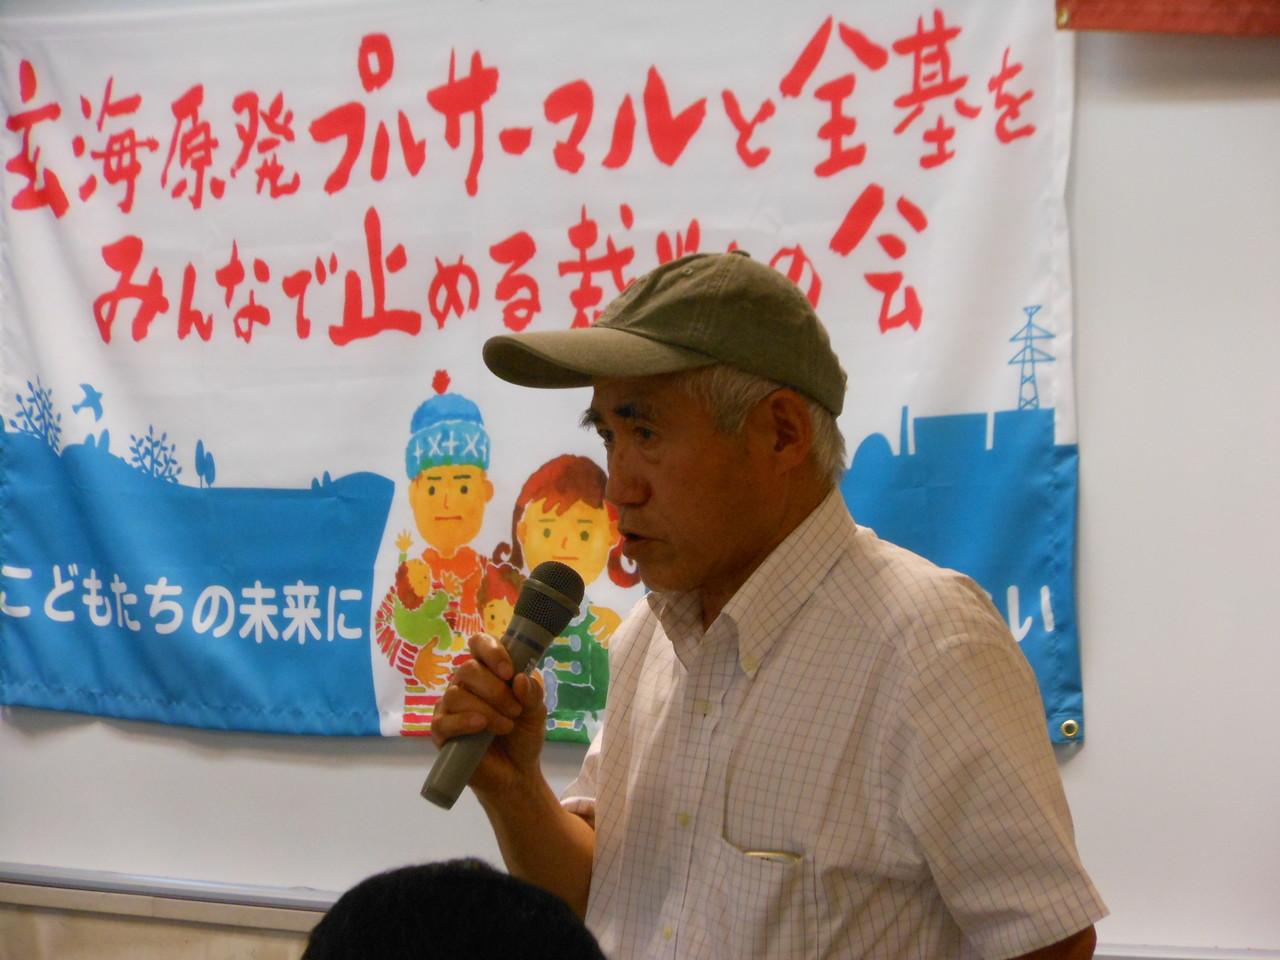 支える会会長の澤山保太郎さん